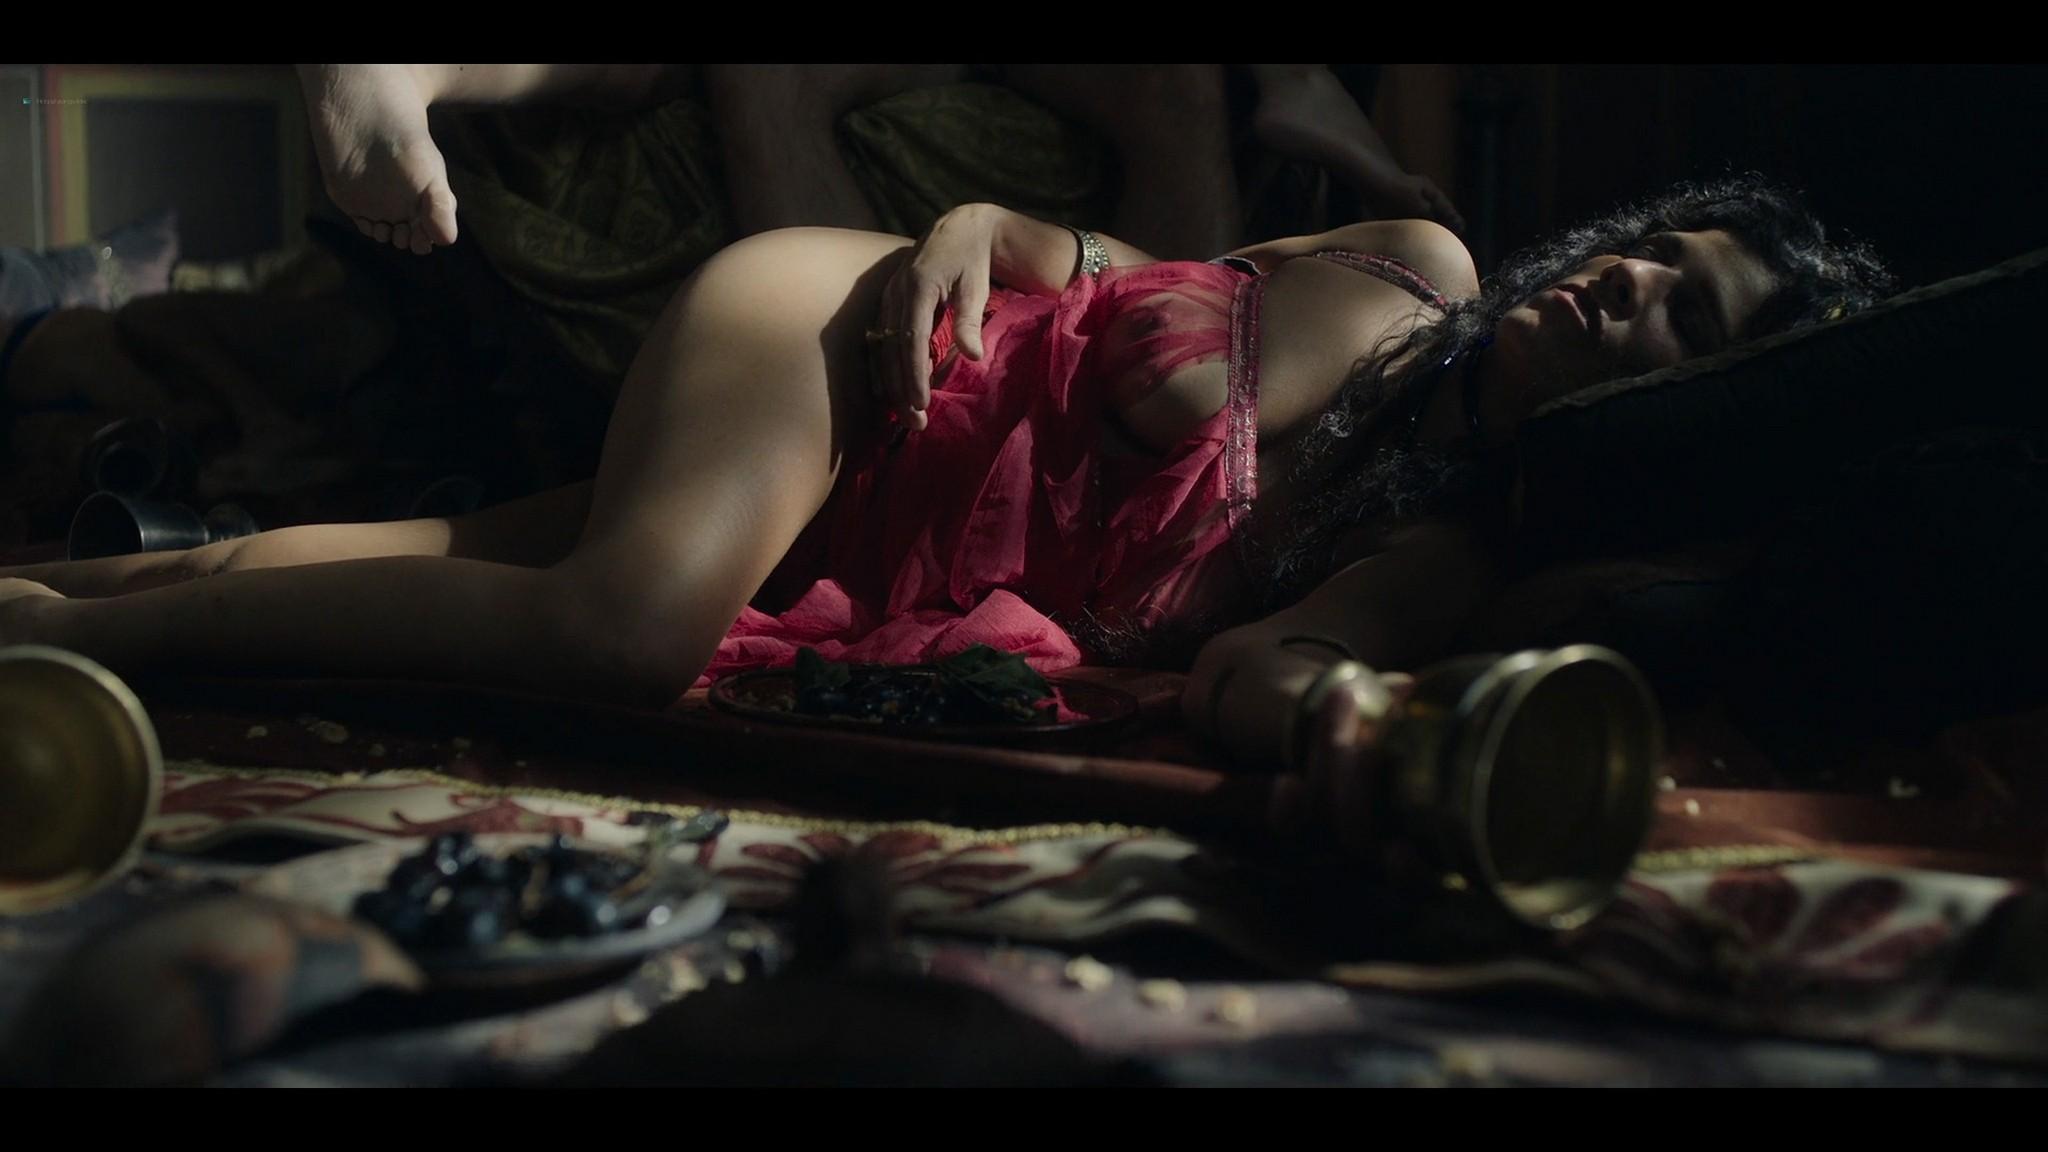 Kasia Smutniak nude sex Alais Lawson nude butt Domina 2021 S1 1080p Web 10